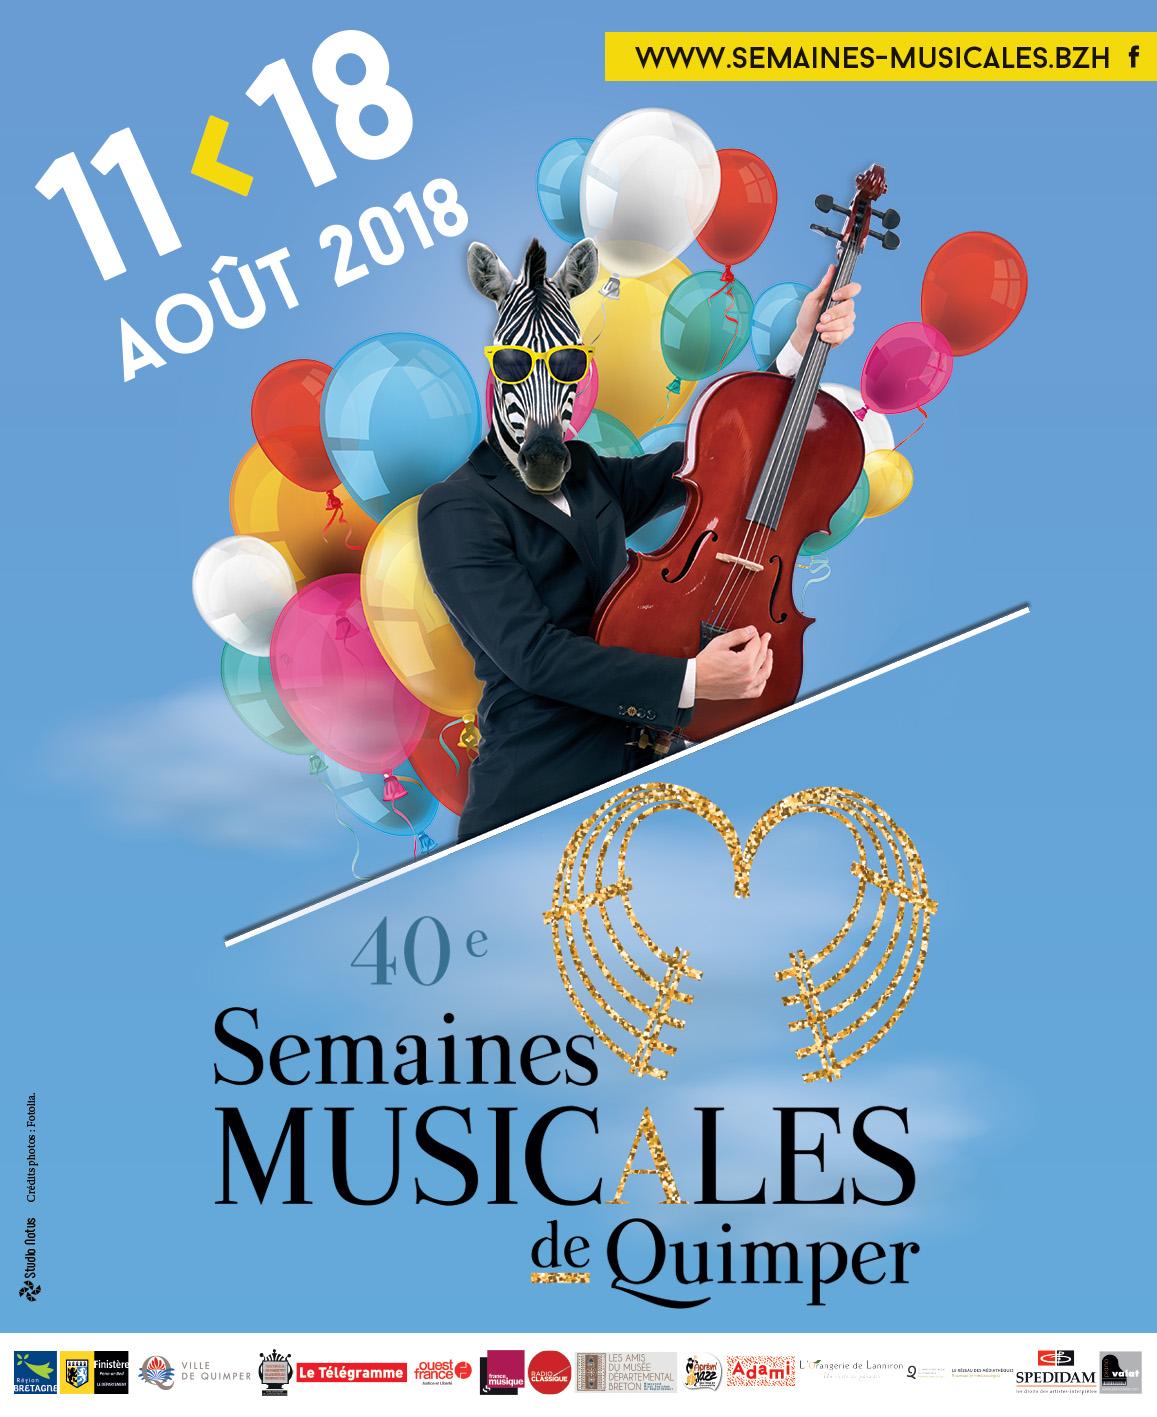 Semaines Musicales 2018